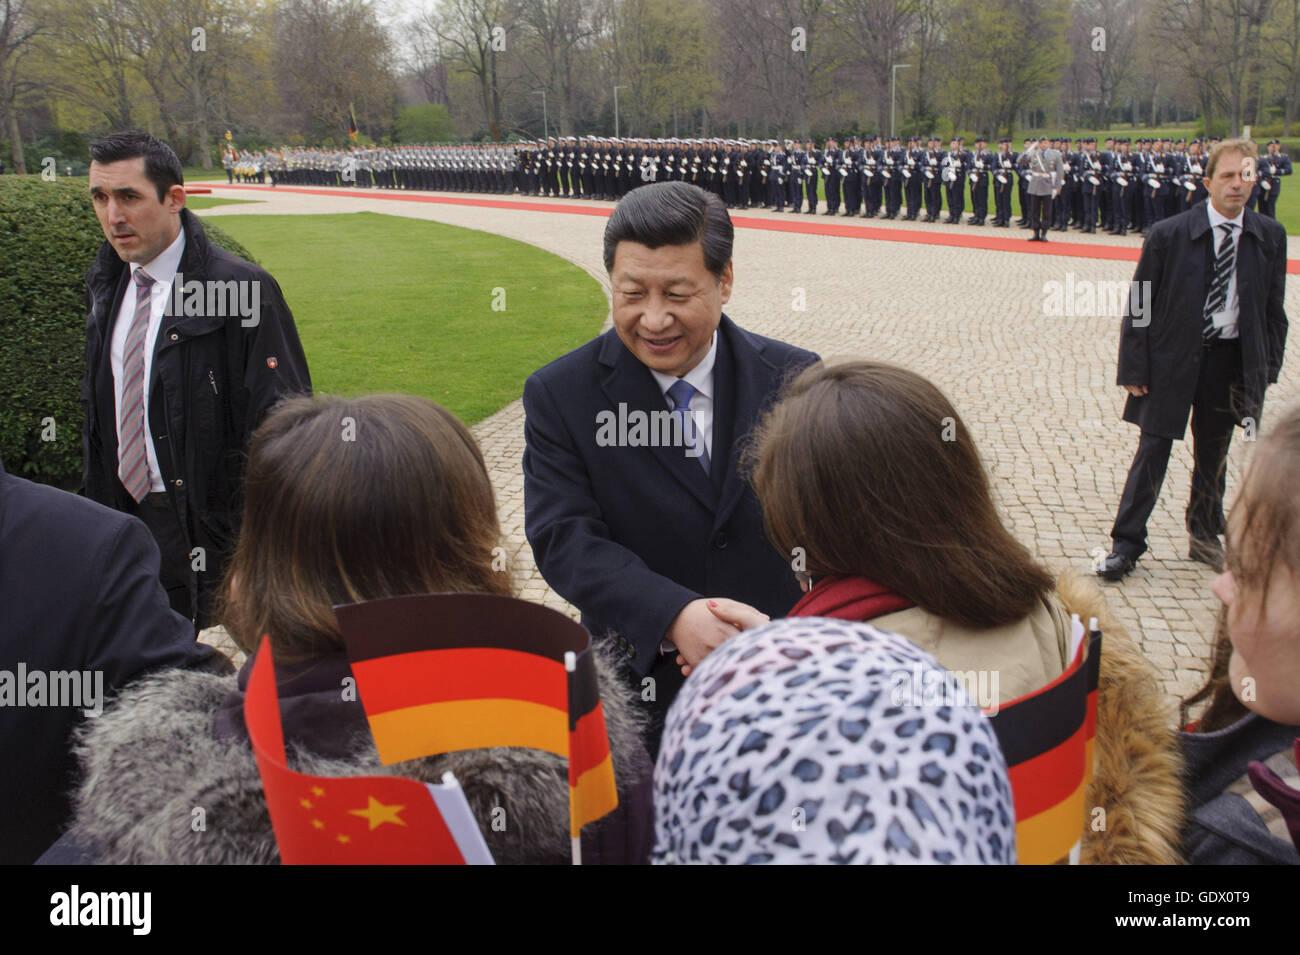 Xi Jinping - Stock Image